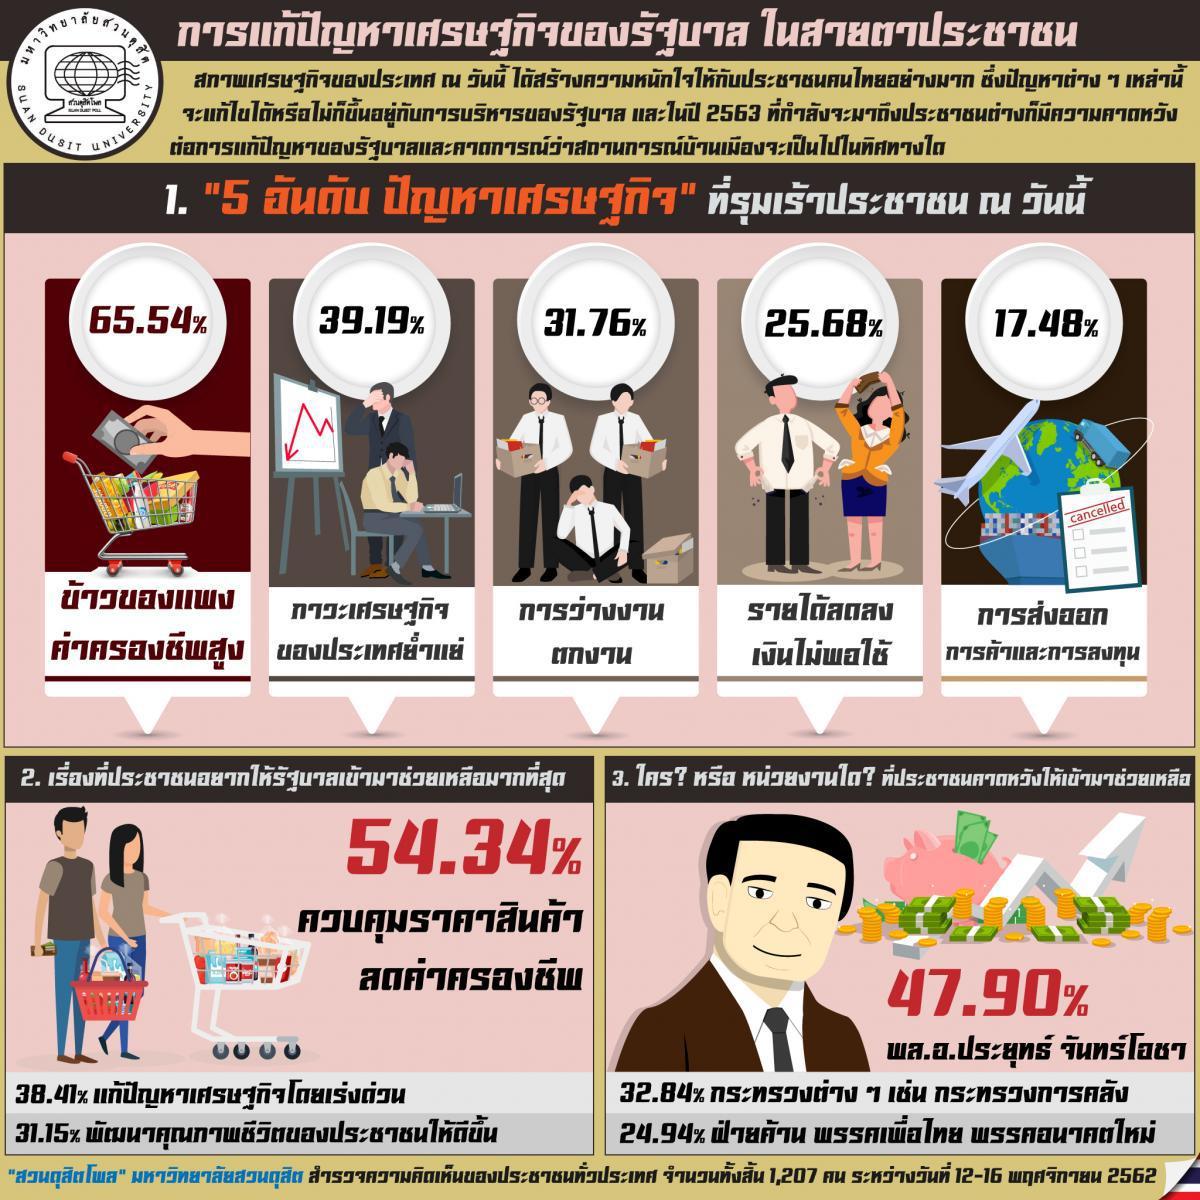 ดุสิตโพลชี้ ปชช. 65.54% เผยข้าวของแพง คนตกงาน ร้อง 'บิ๊กตู่' ช่วย